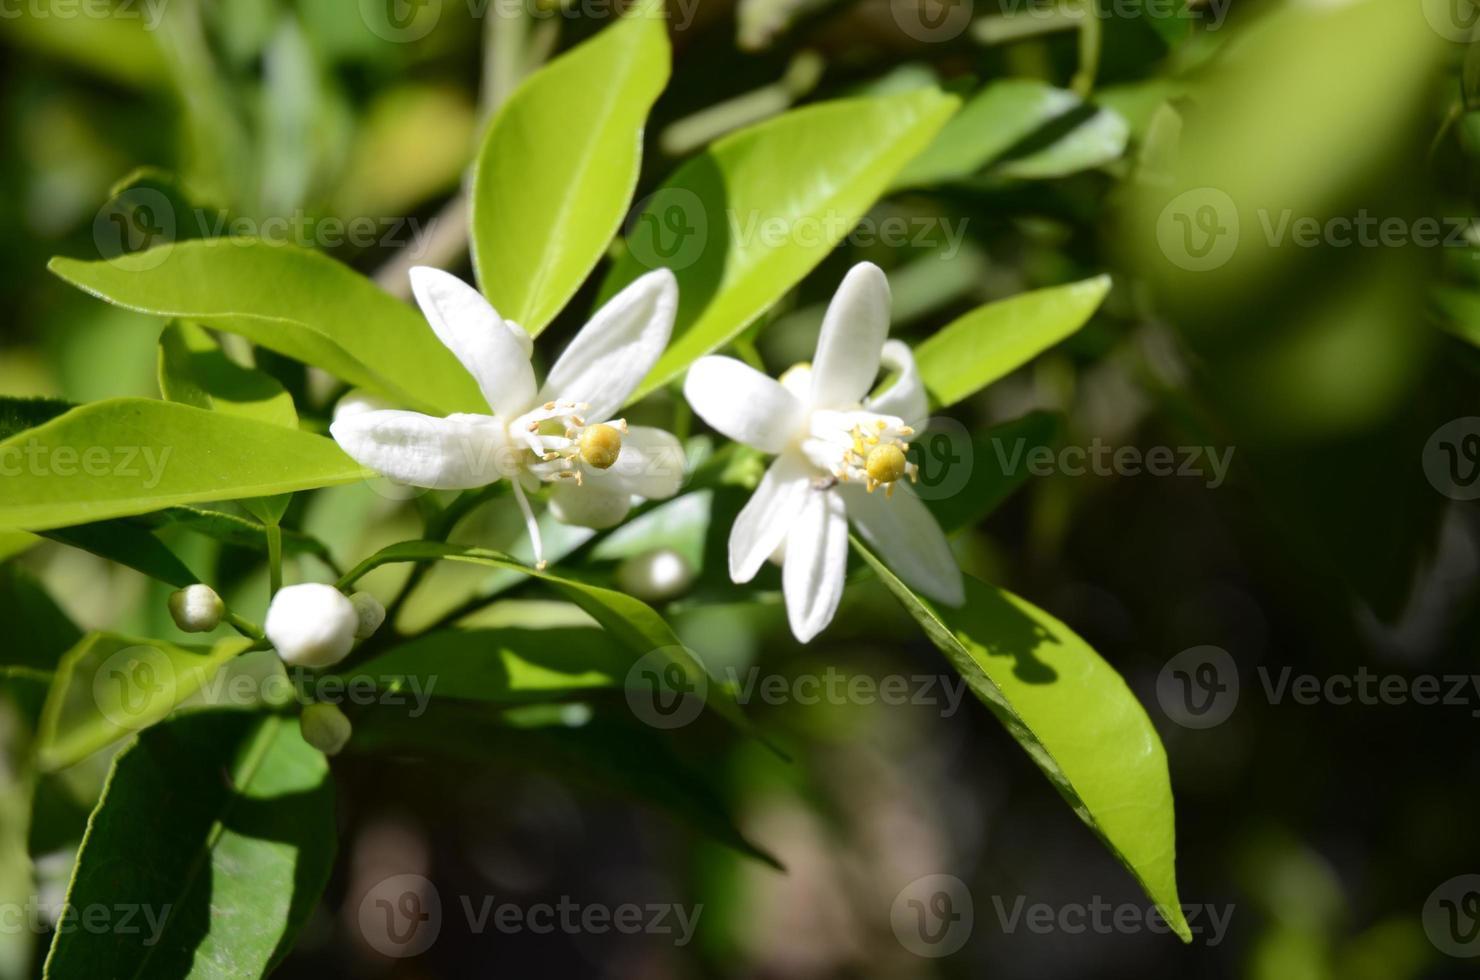 flores de laranjeira brancas e perfumadas contra folhas verdes escuras foto